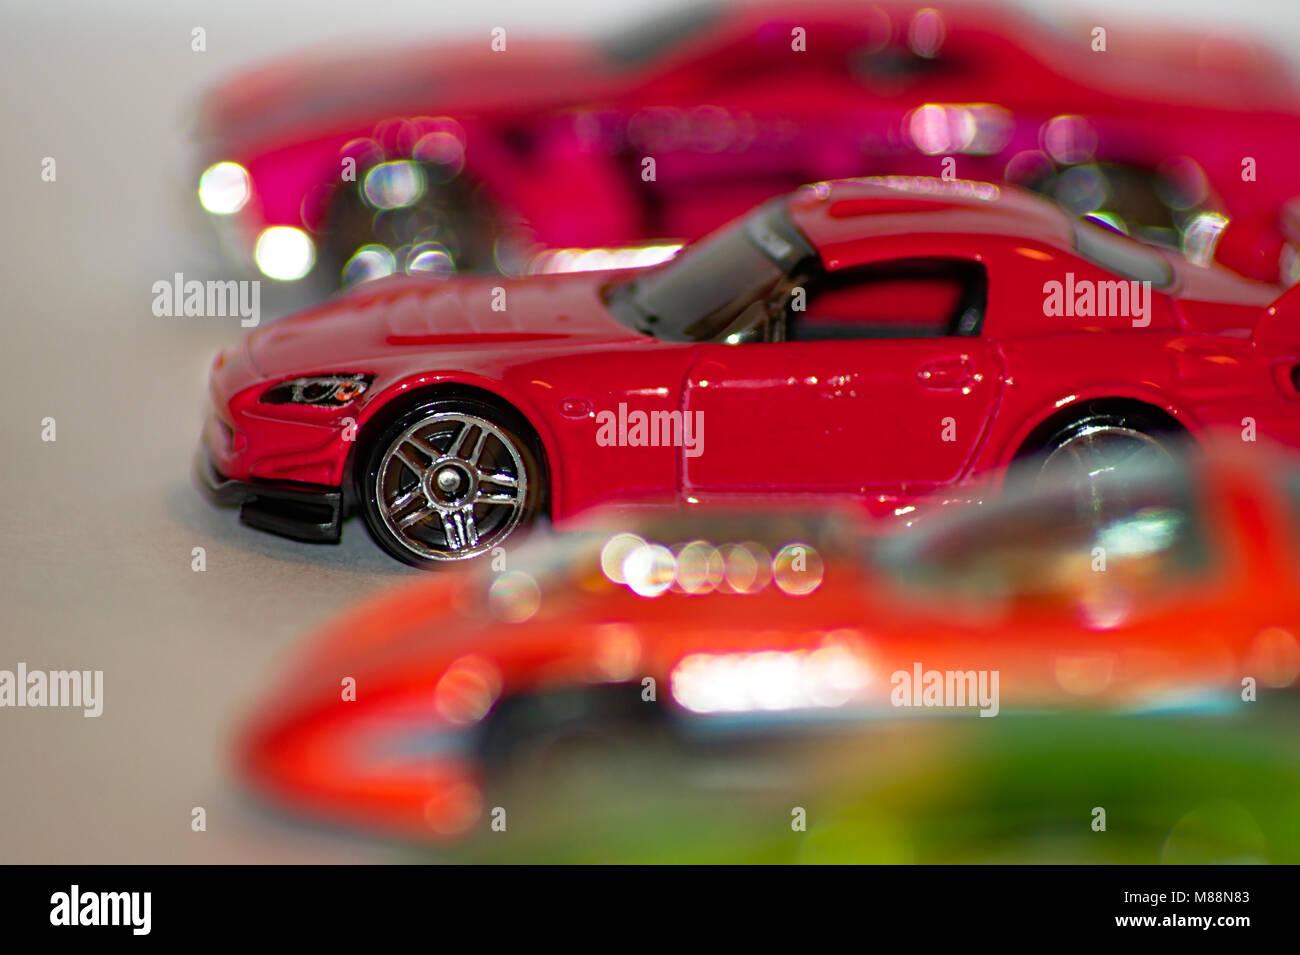 Kinder Spielzeug Sport Rennwagen Stockbild